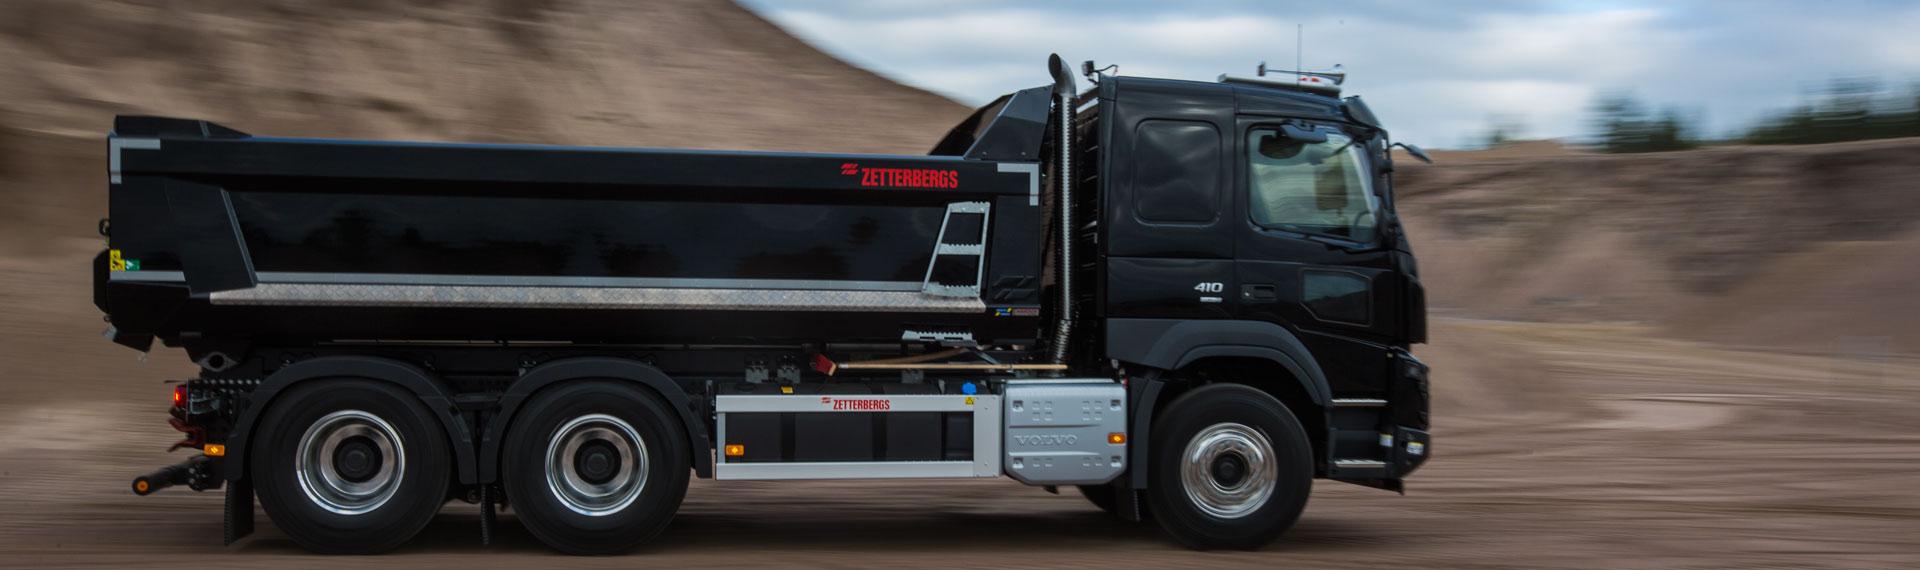 Billenő-felépítményes teherautó Hardox 500 Tuf acélból készült, kúpos kialakítású oldalpanellel